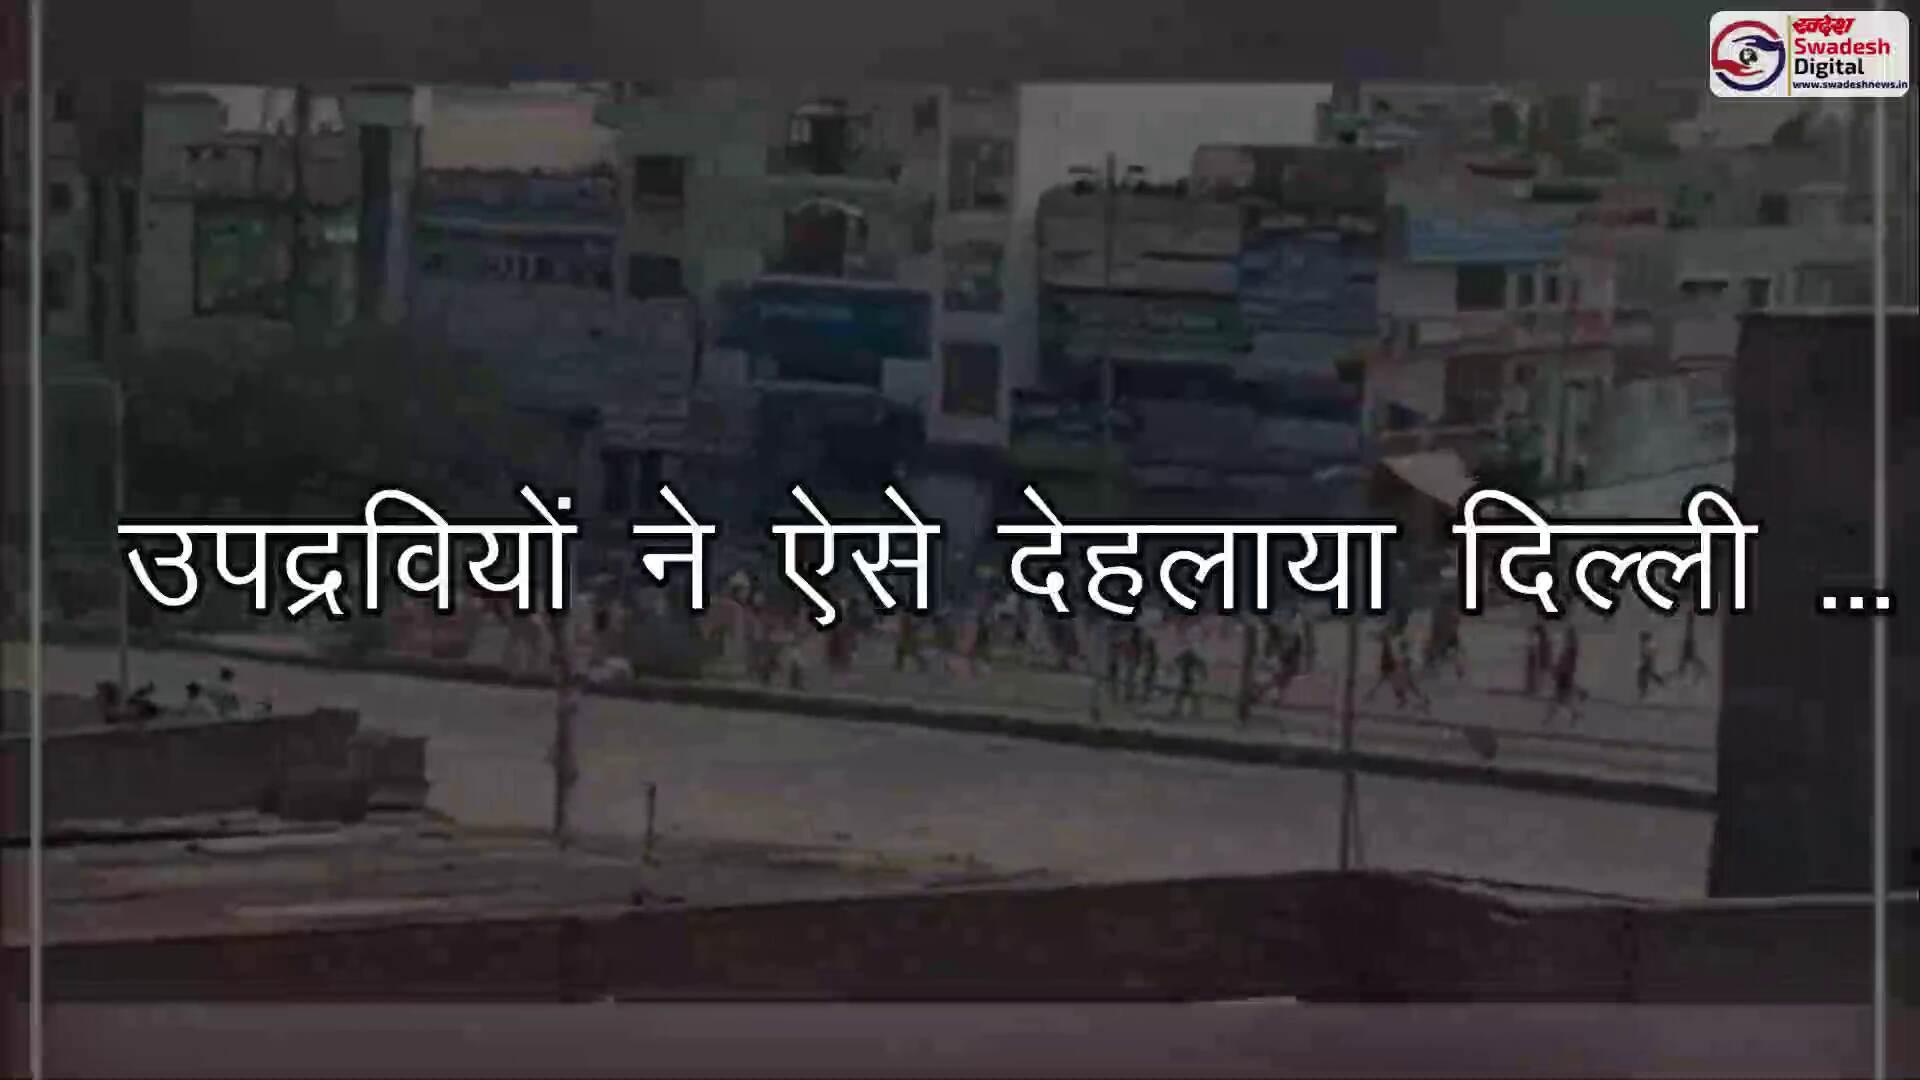 उपद्रवियों ने ऐसे देहलाया दिल्ली ...